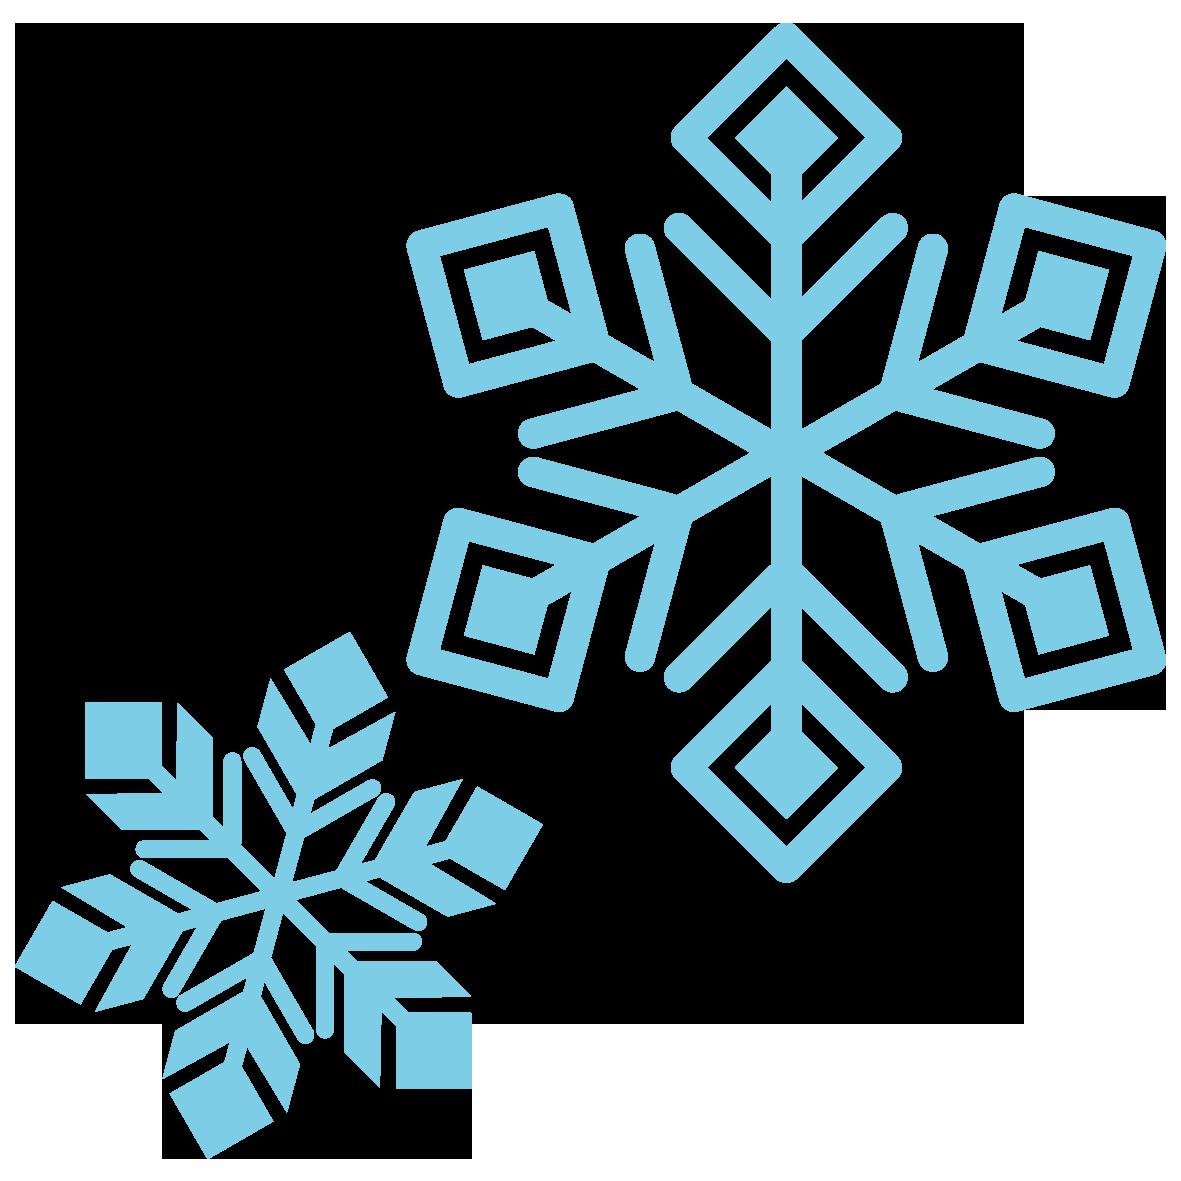 キラキラした雪の結晶 無料イラスト愛